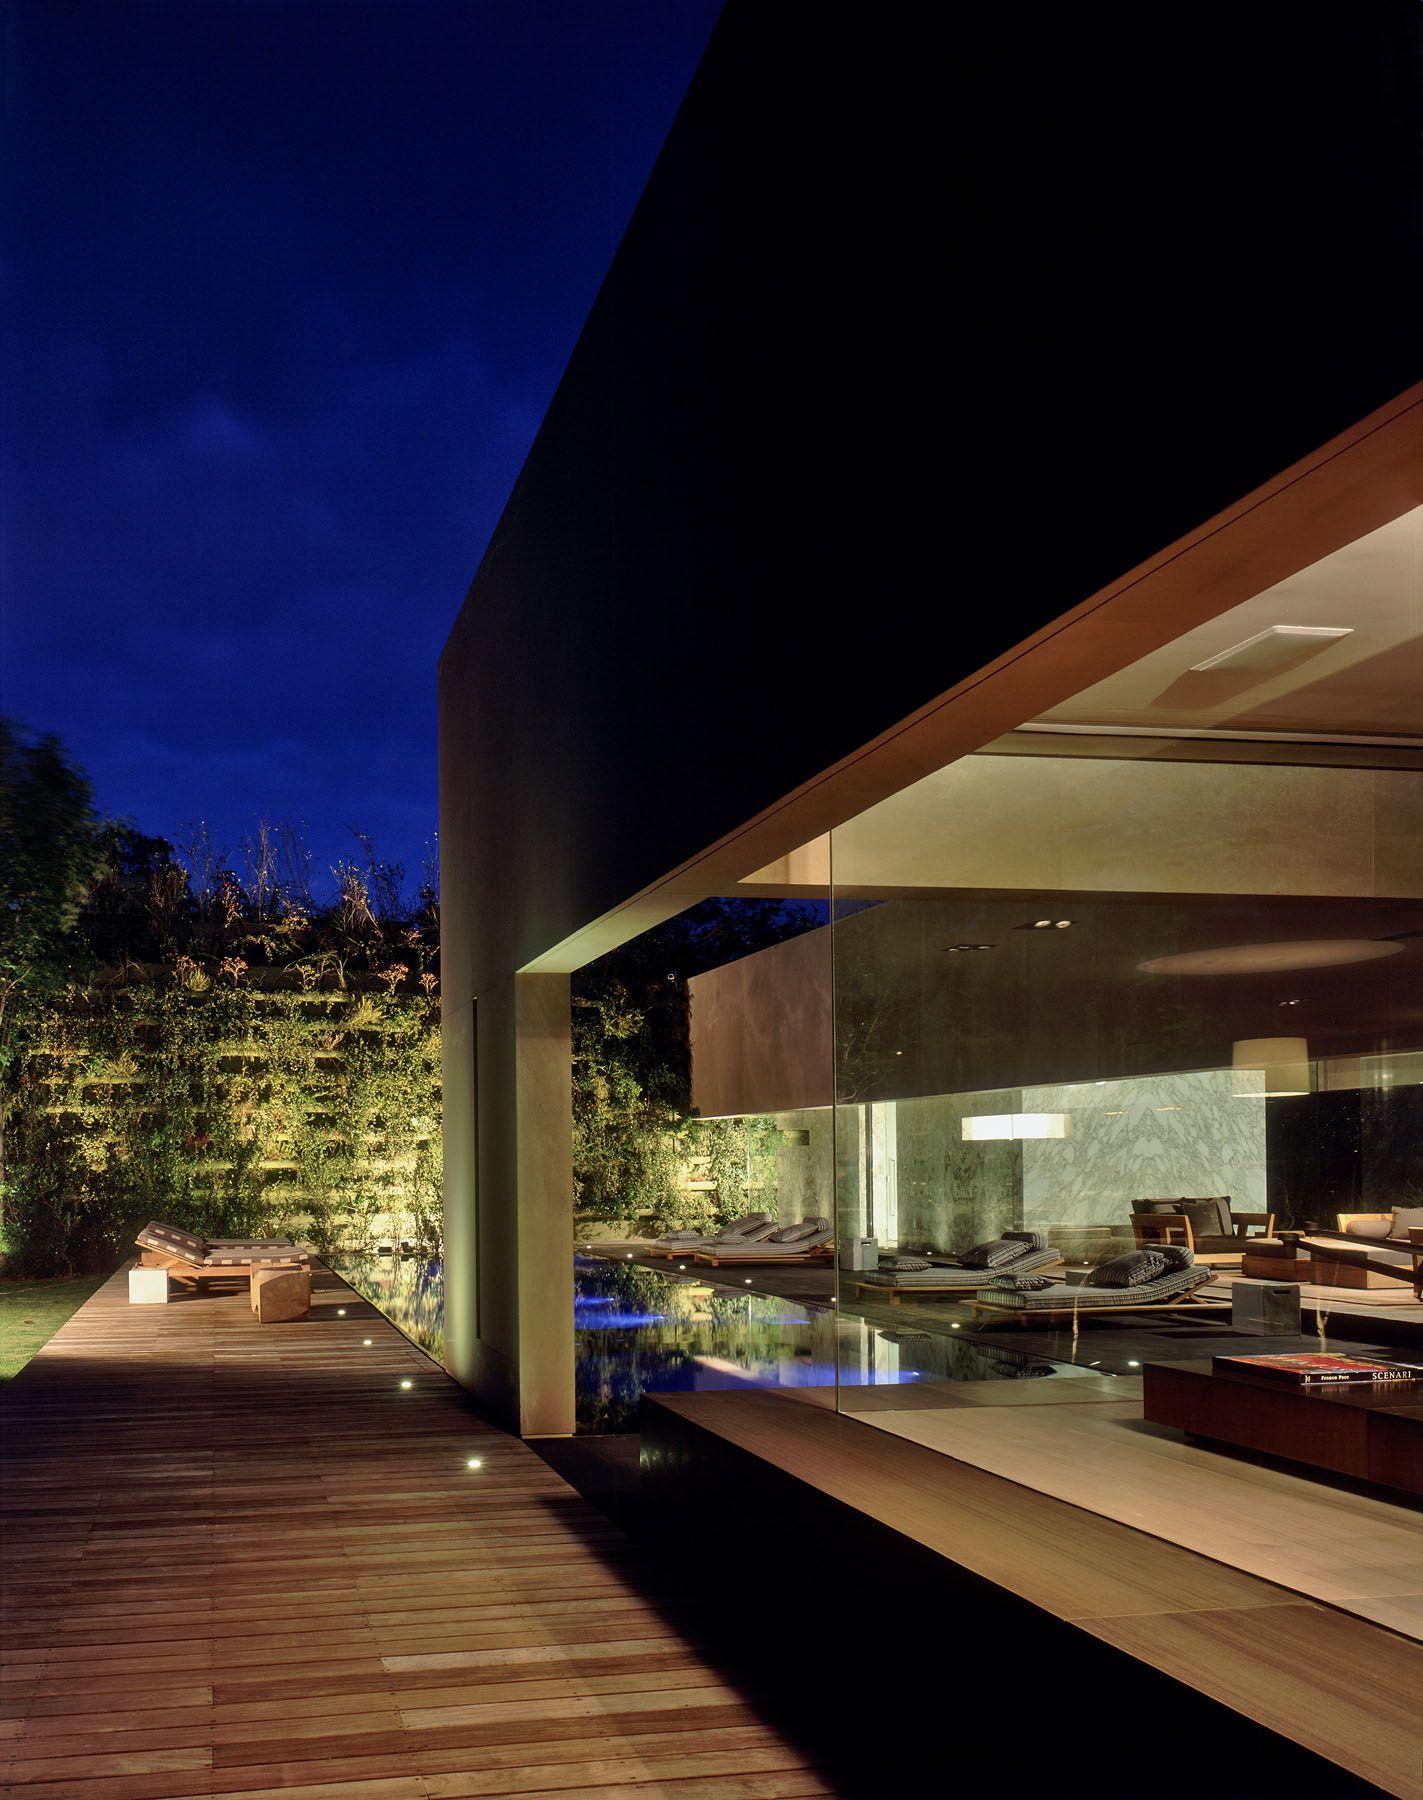 Casa reforma by central de arquitectura caandesign - Reforma en casa ...